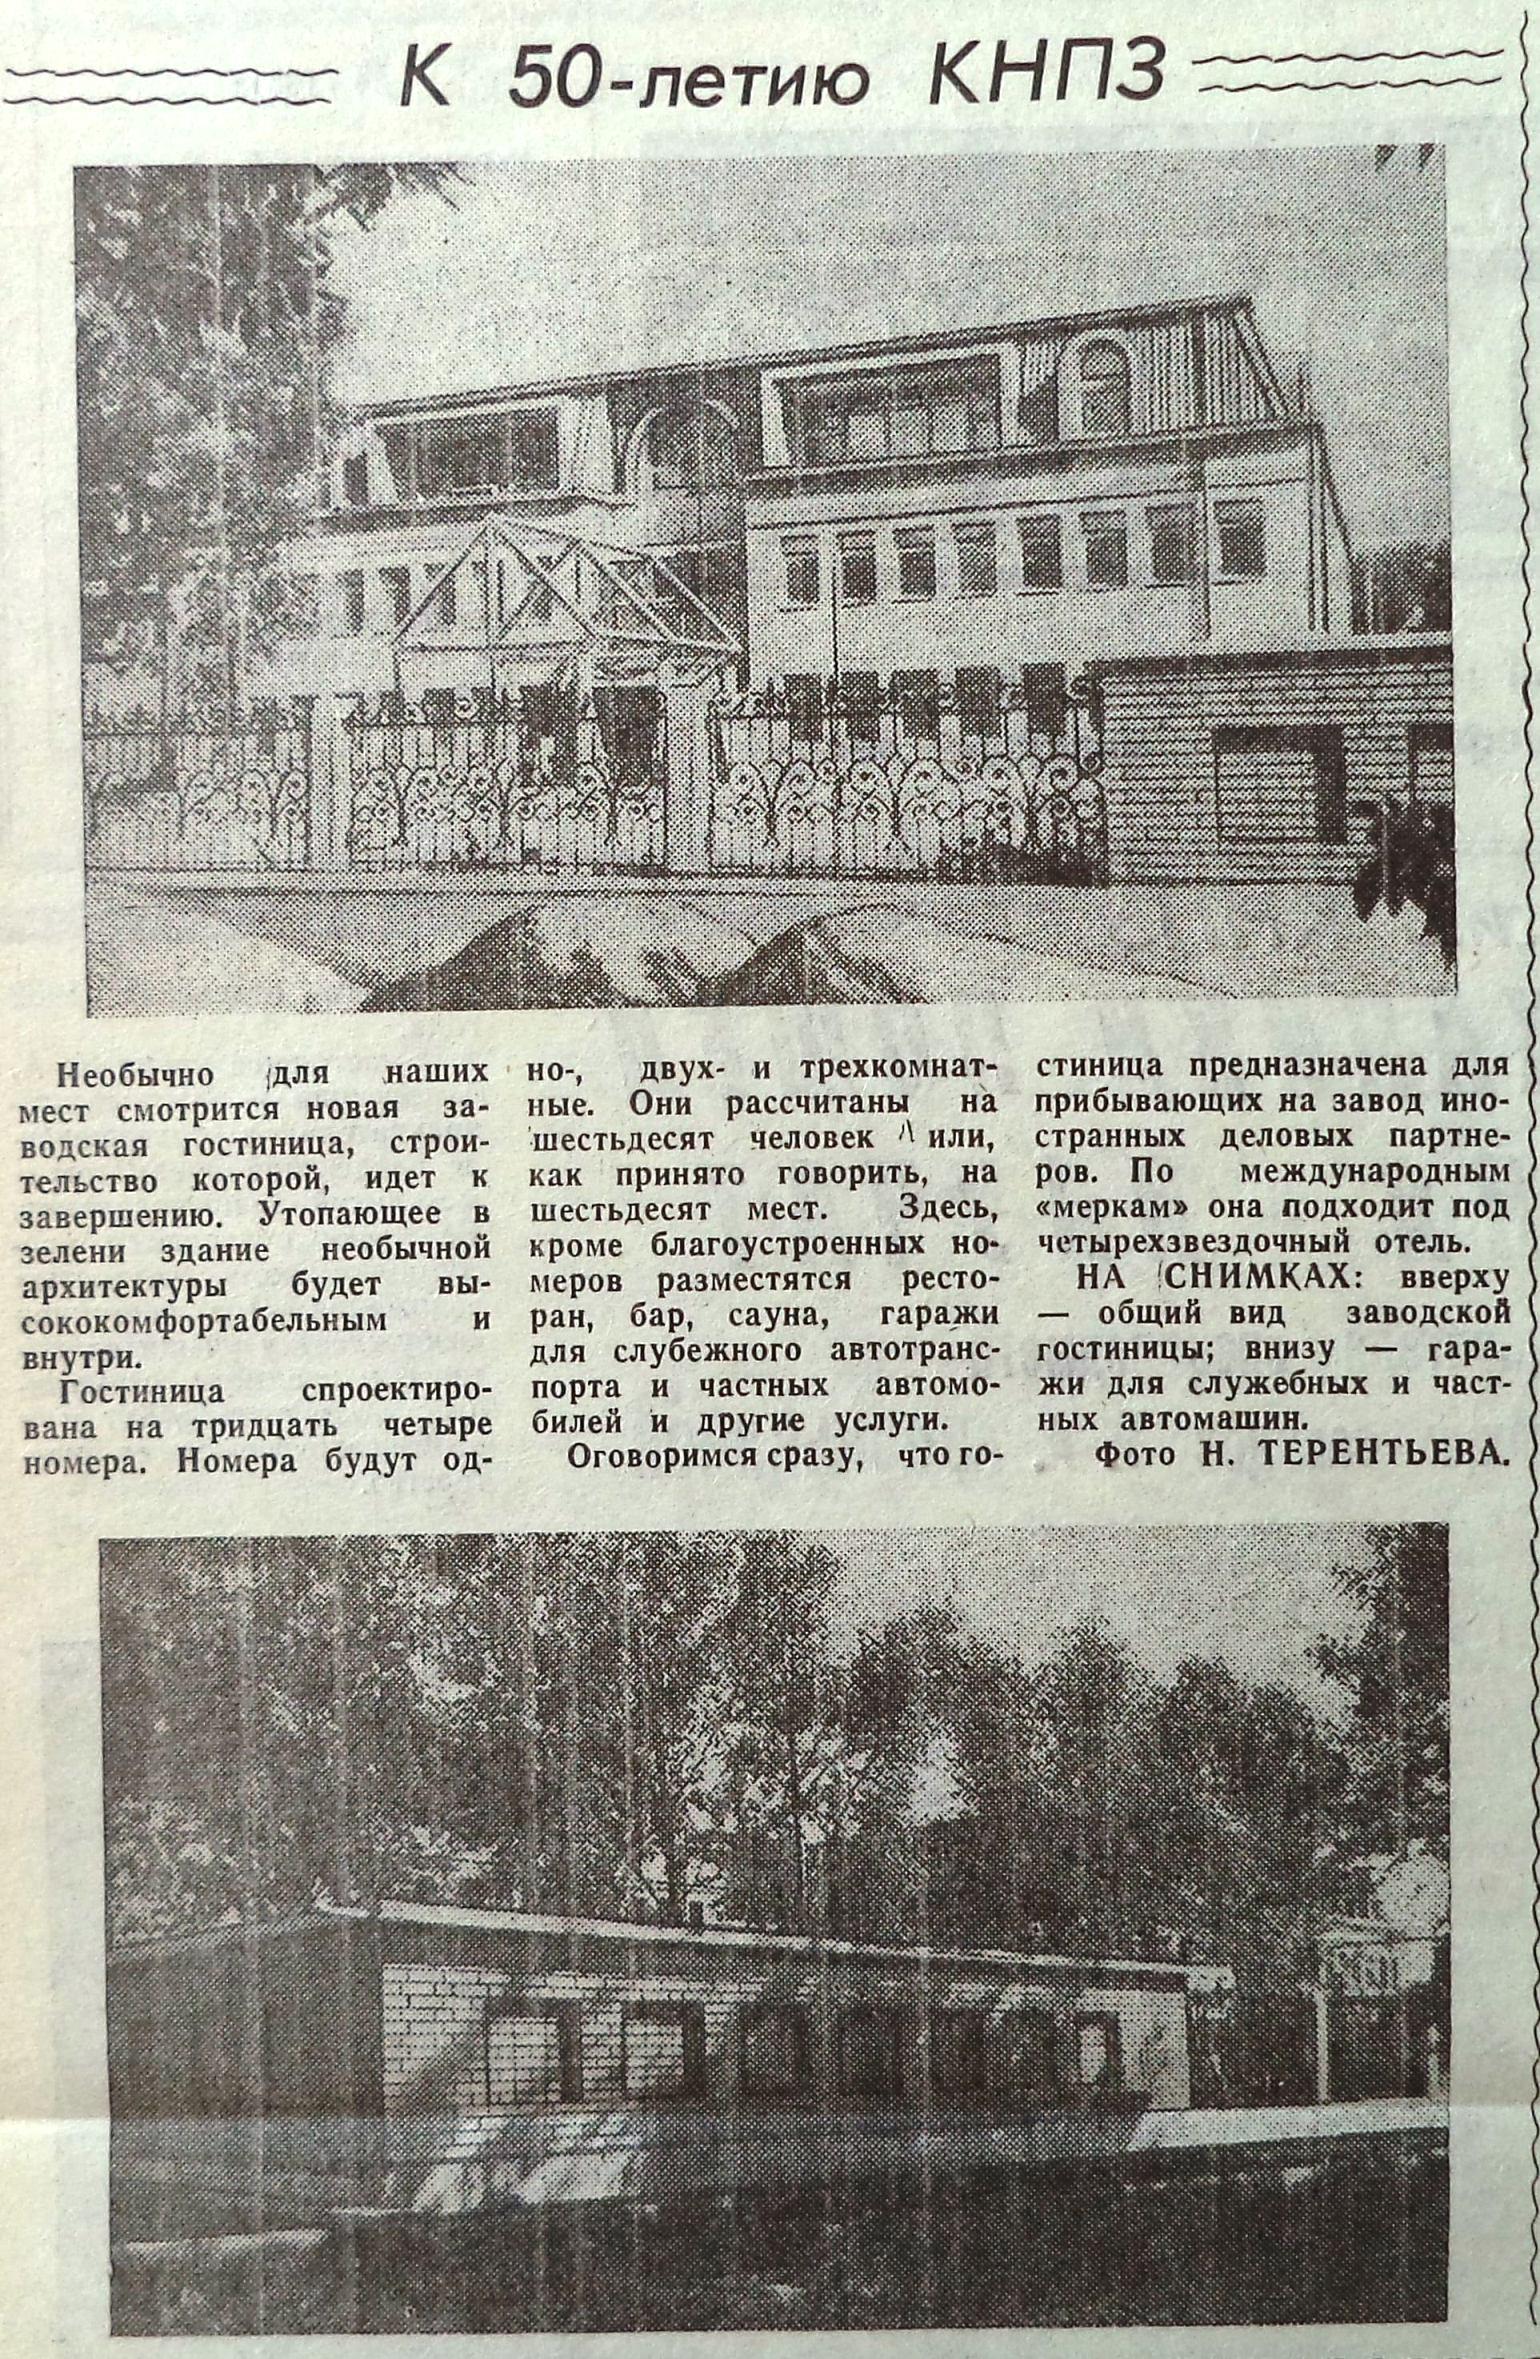 Фасадная-ФОТО-37-За Прогресс-1995-27 июня-min